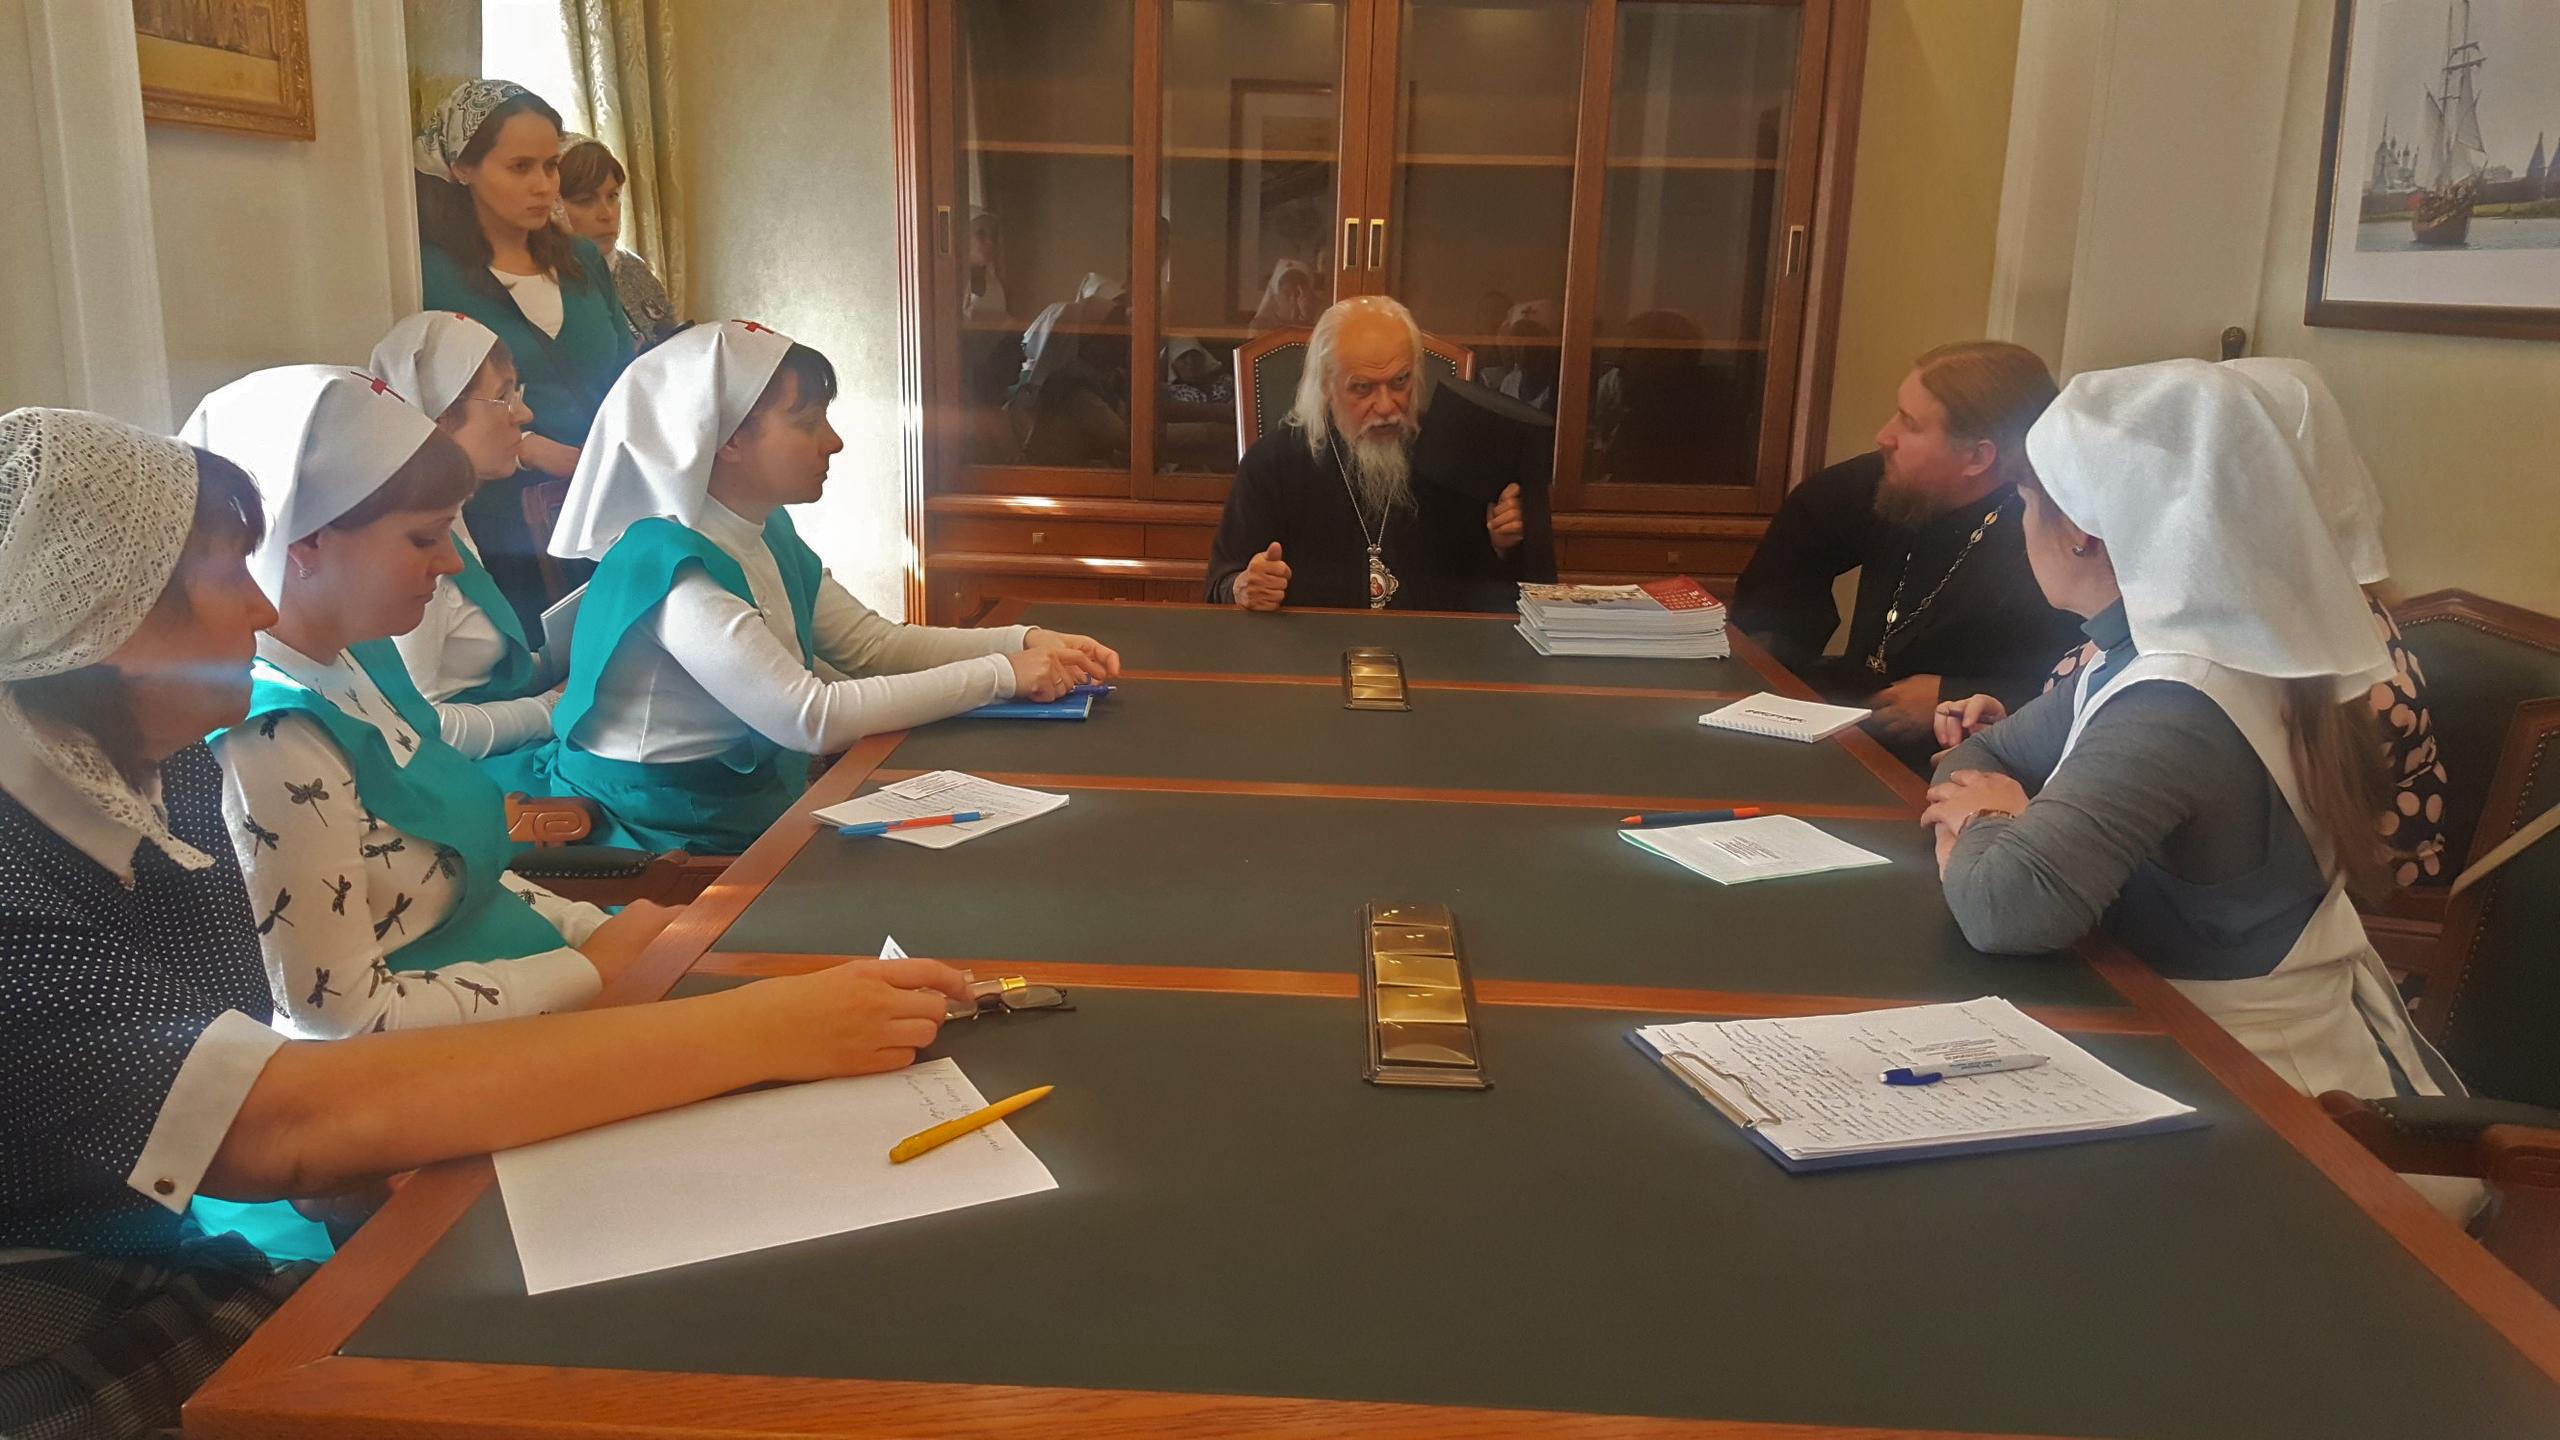 Епископ Орехово-Зуевский Пантелеимон на встрече с сестрами милосердия Югорской епархии